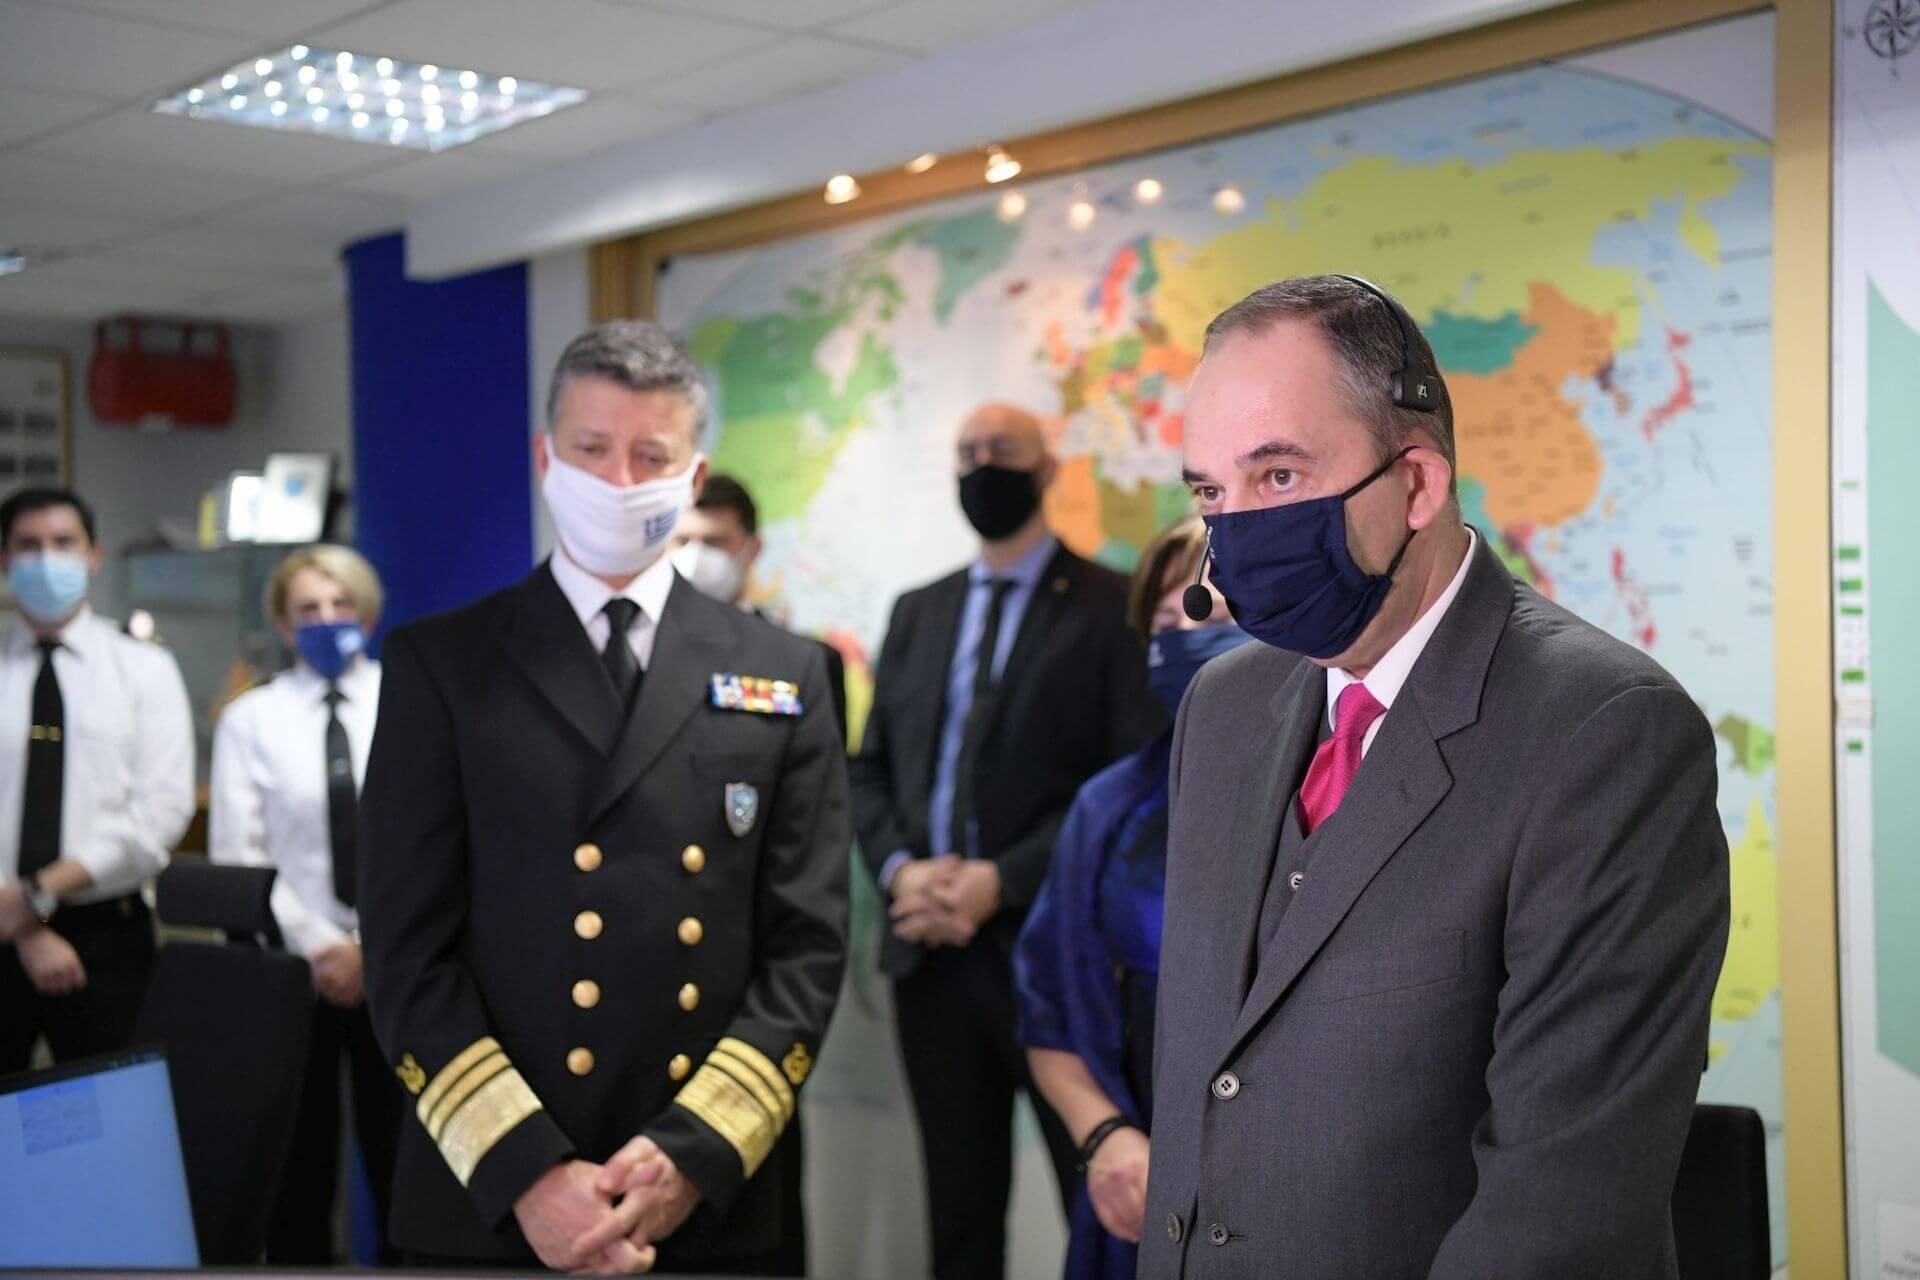 Ευχές για το νέο Έτος από τον ΥΝΑΝΠ κ. Γιάννη Πλακιωτάκη σε ναυτικούς εν πλω